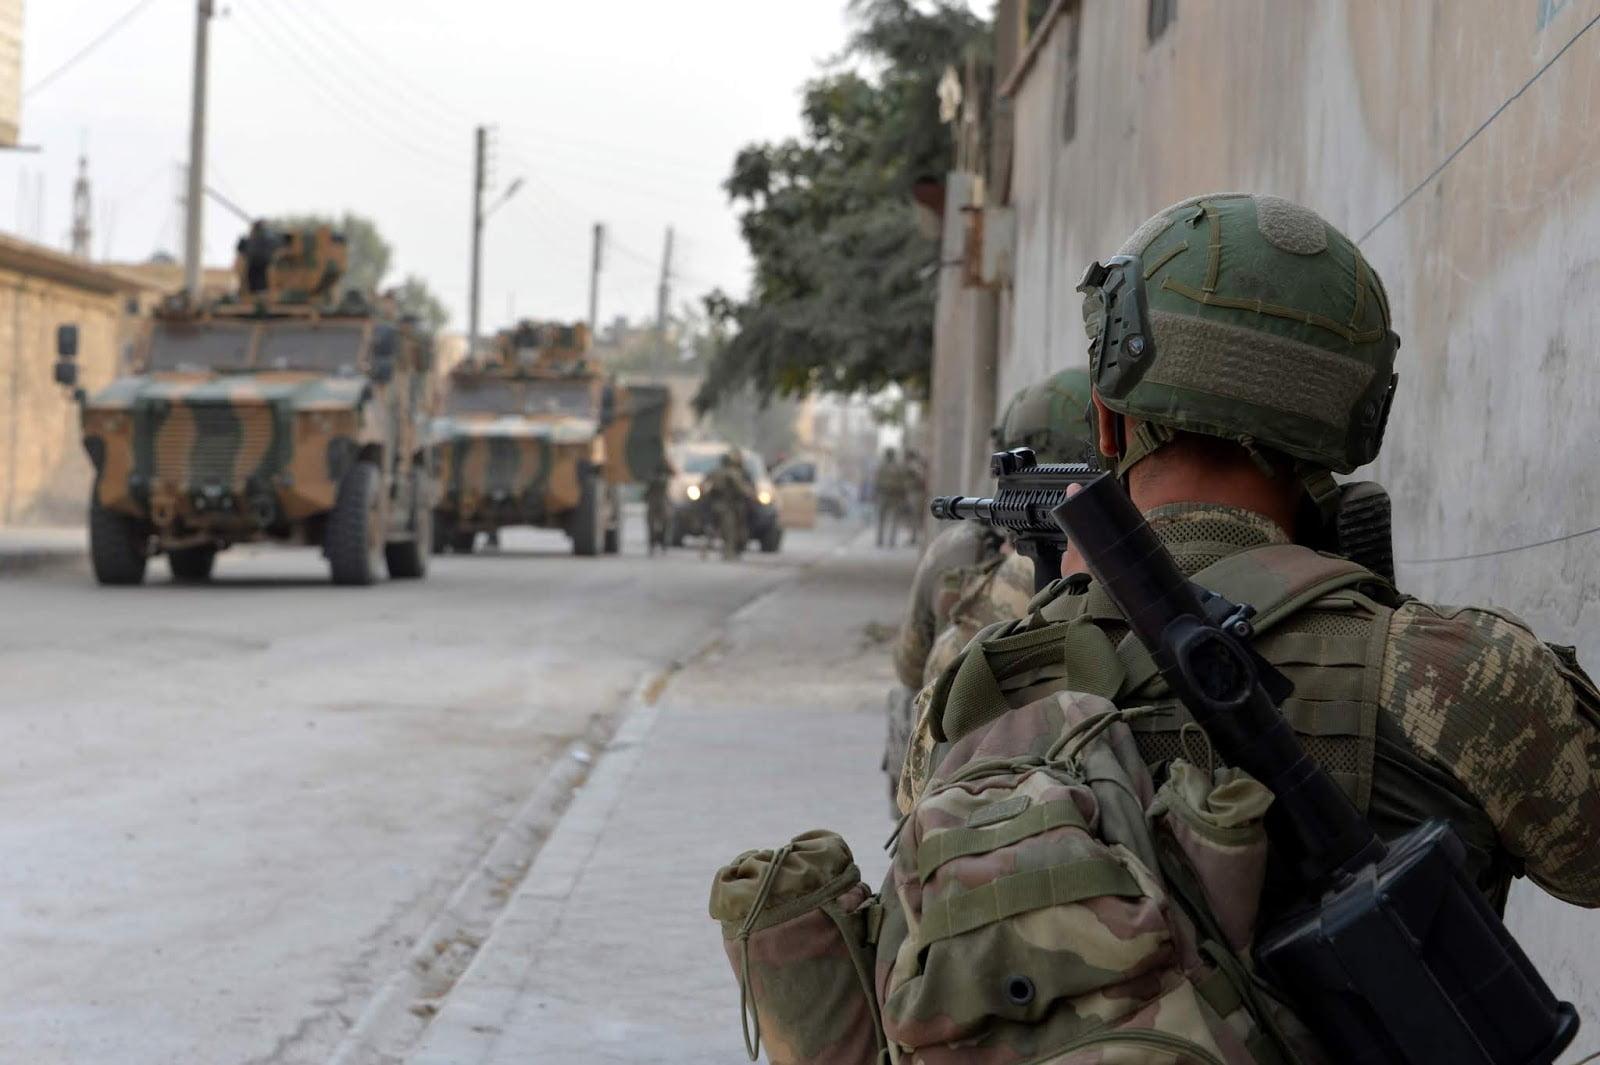 Βόρειο Ιράκ-Οι απώλειες του τουρκικού στρατού στις μάχες με τους Κούρδους αντάρτες